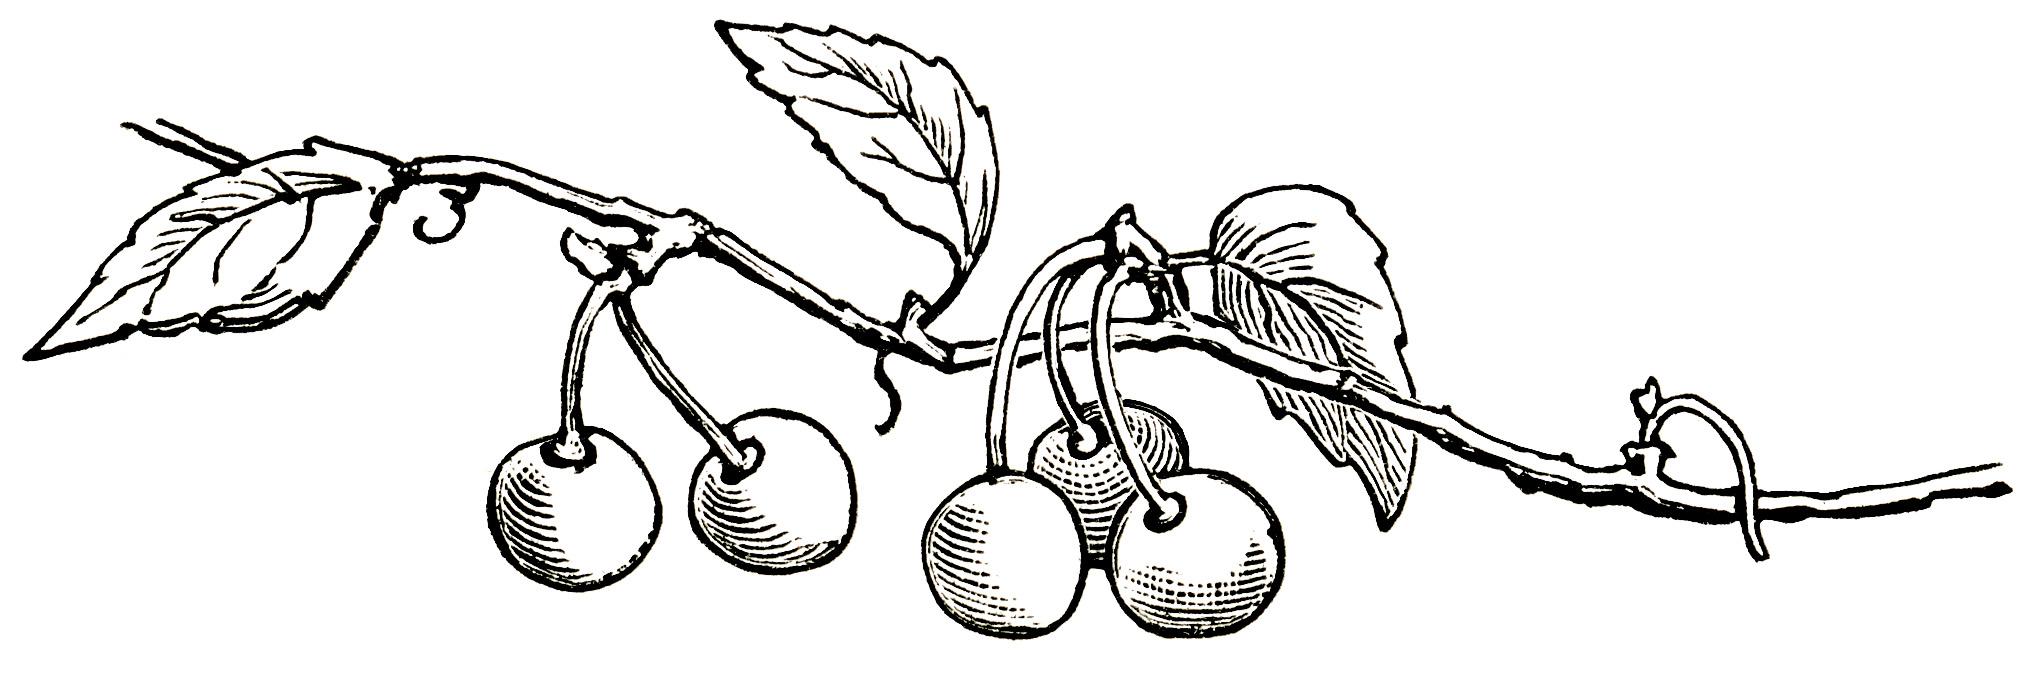 free vintage clipart cherries, cherries growing on branch, sketch of cherries, free vintage image cherry